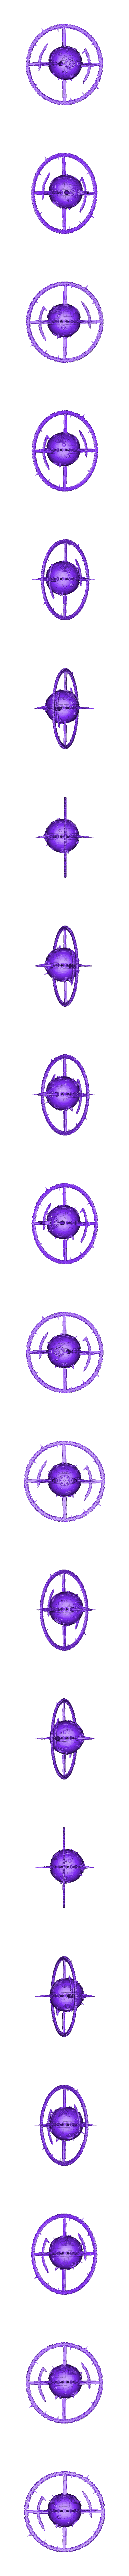 Unicron.stl Télécharger fichier STL gratuit Transformateurs UNICRON • Objet imprimable en 3D, LittleTup